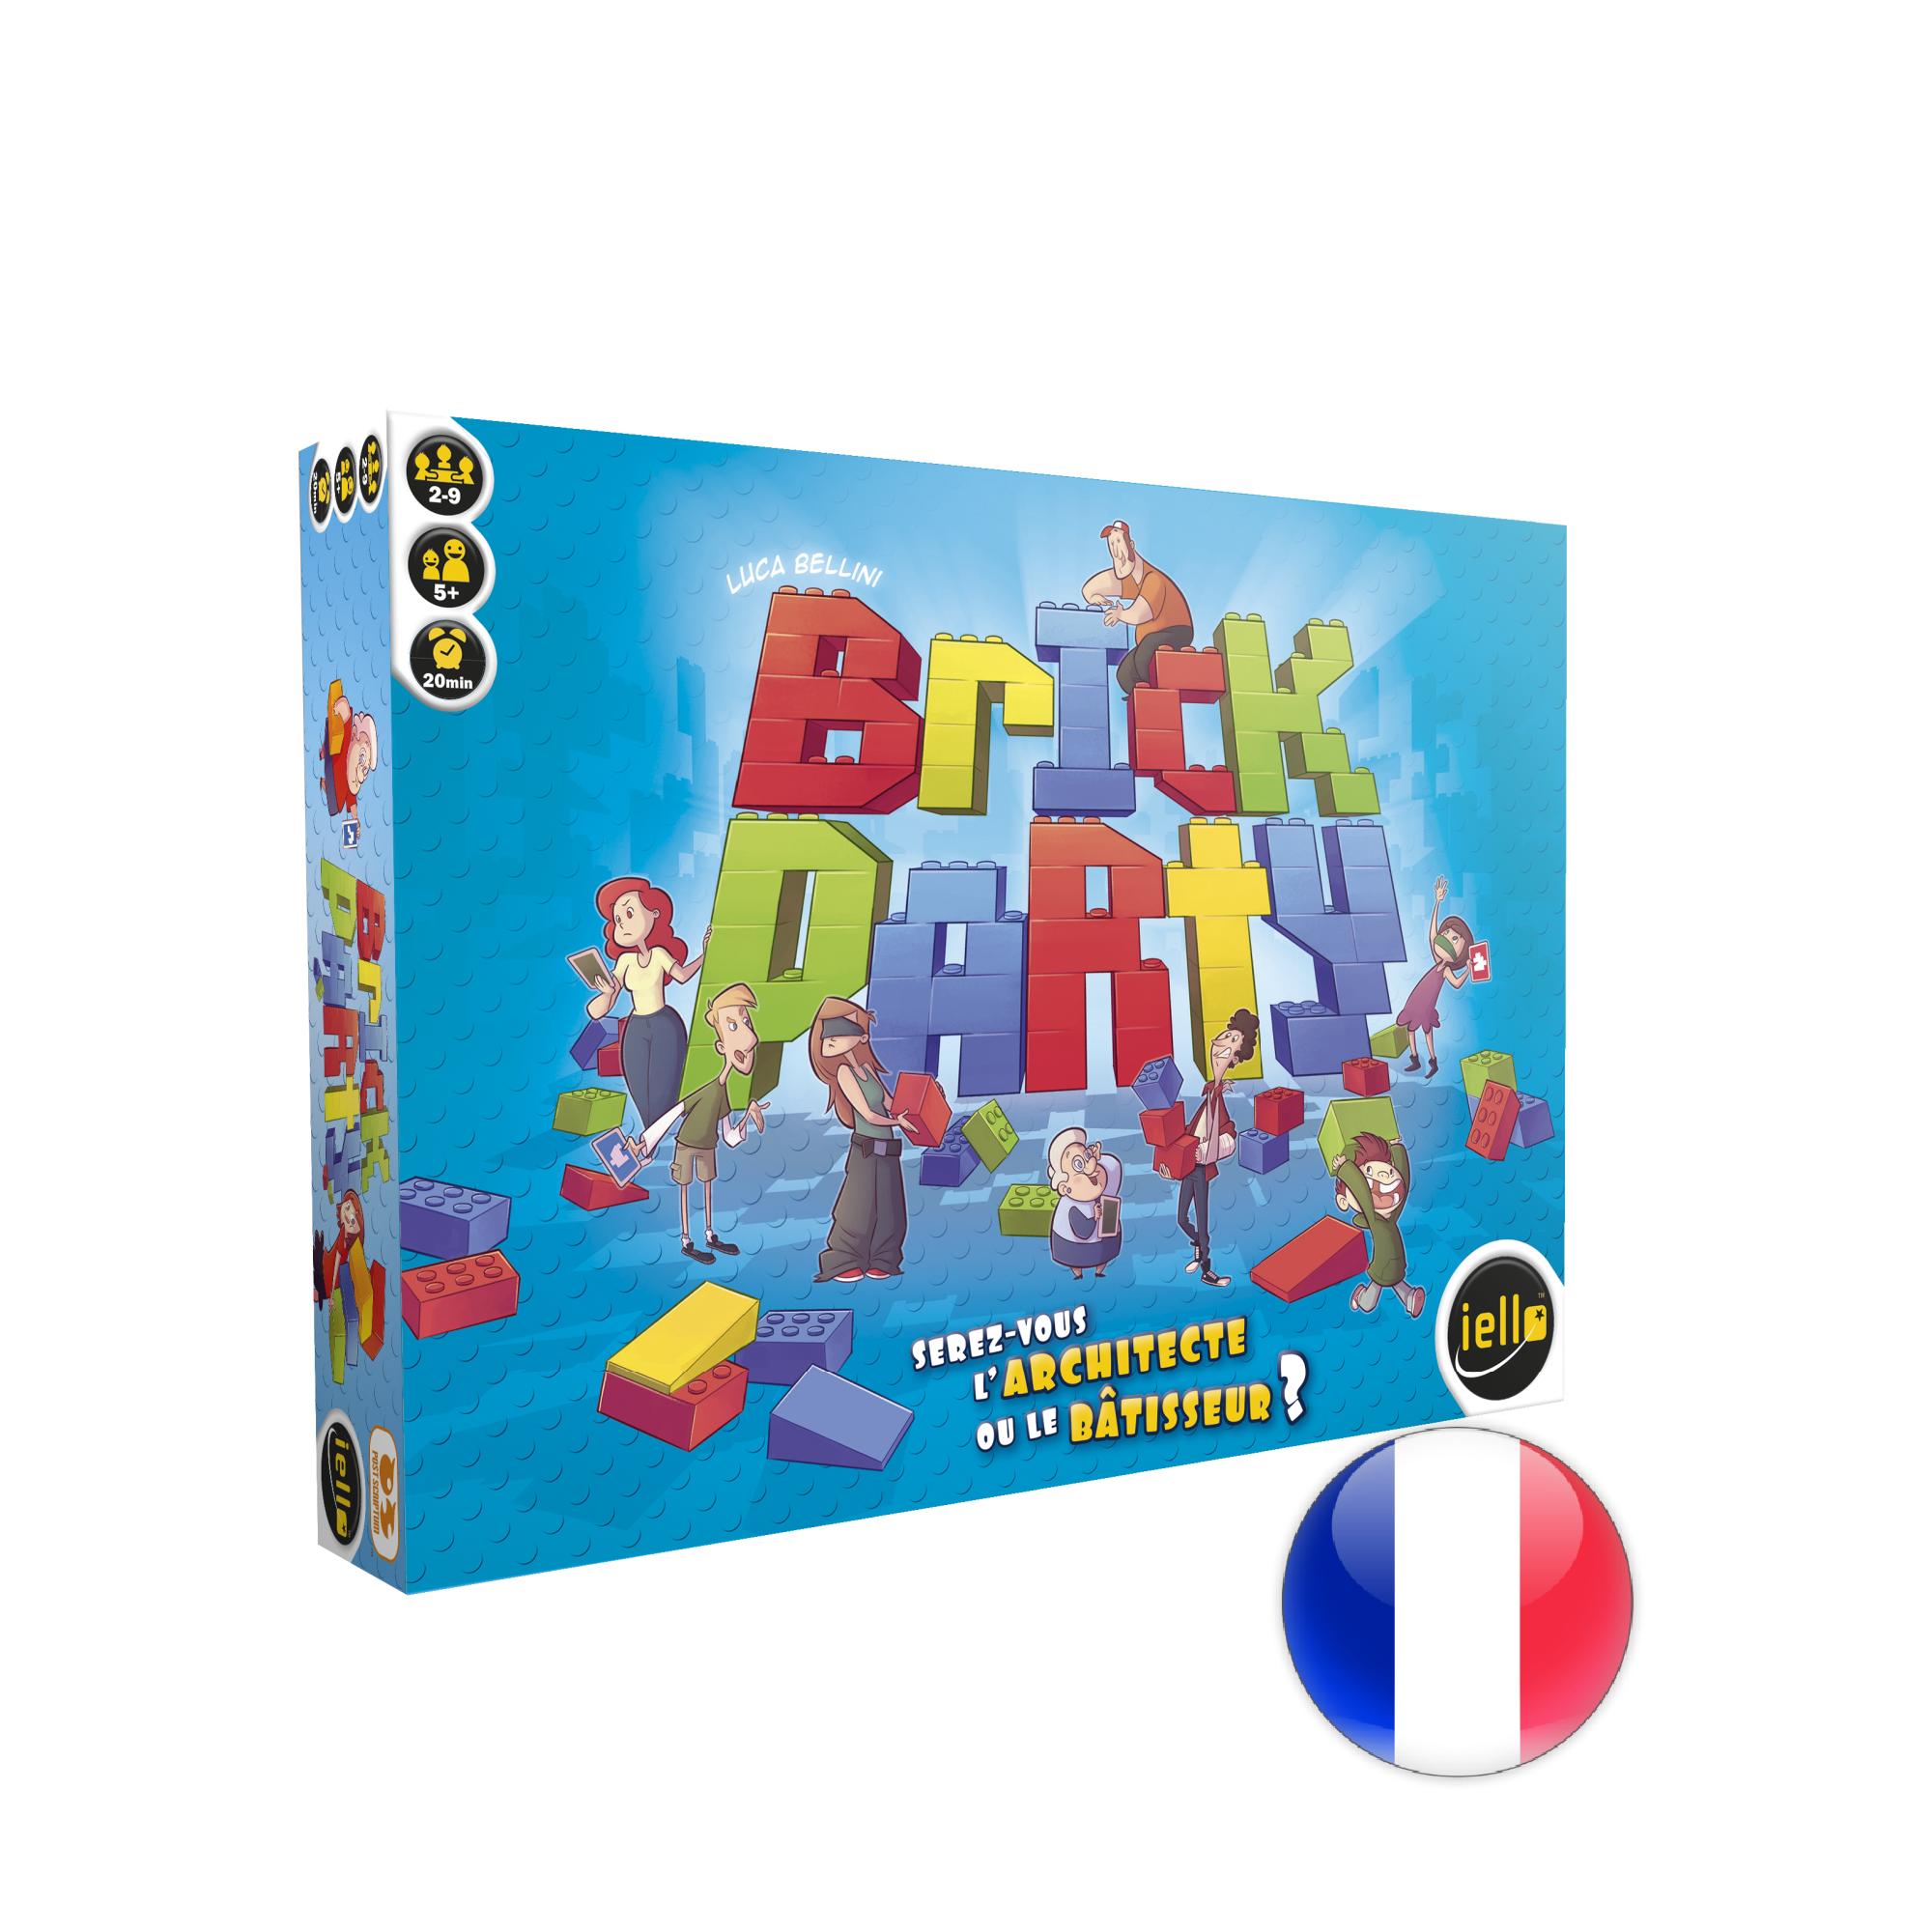 IELLO Brick Party VF